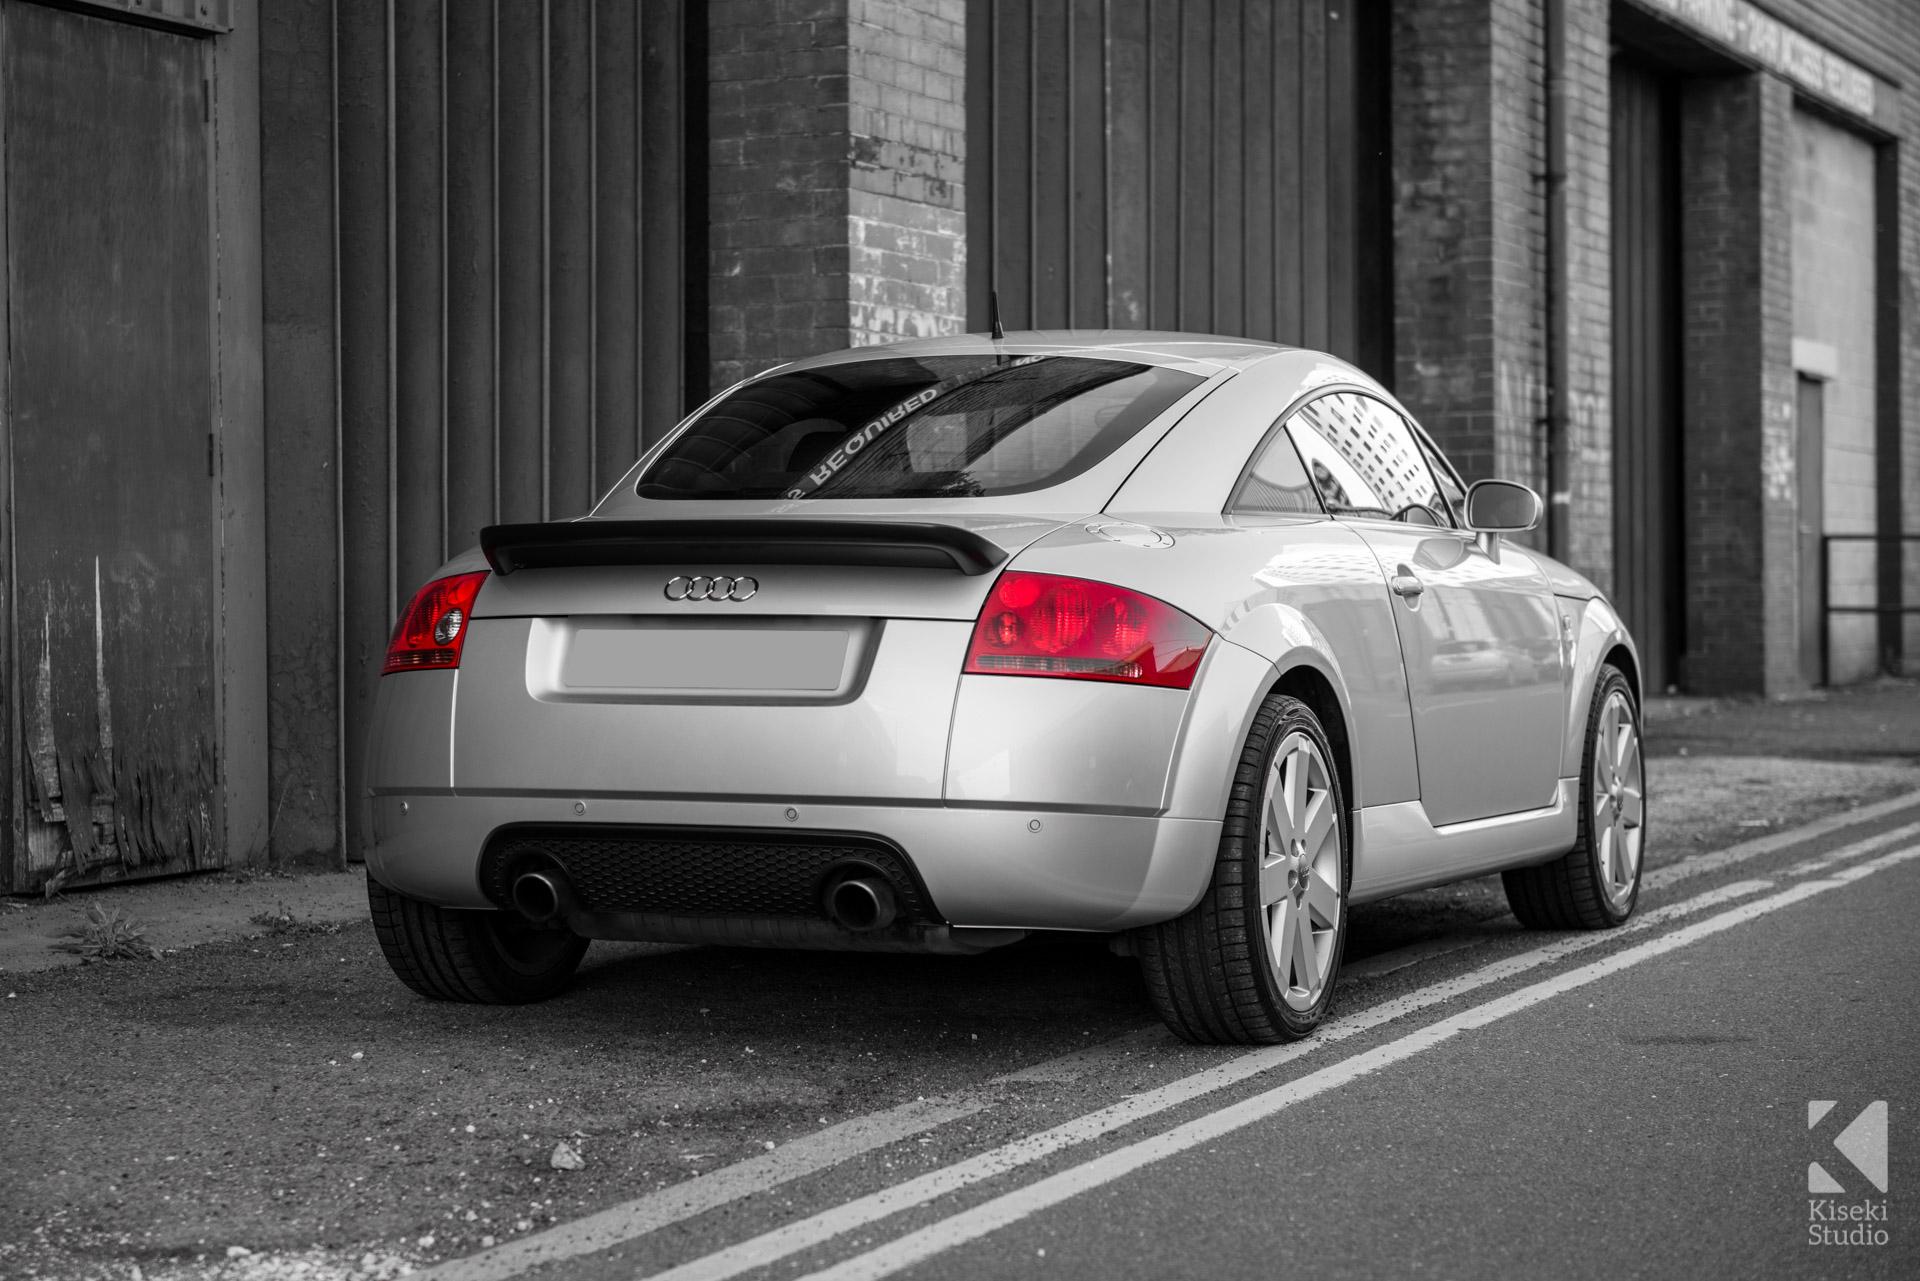 Audi TT V6 8N in Silver